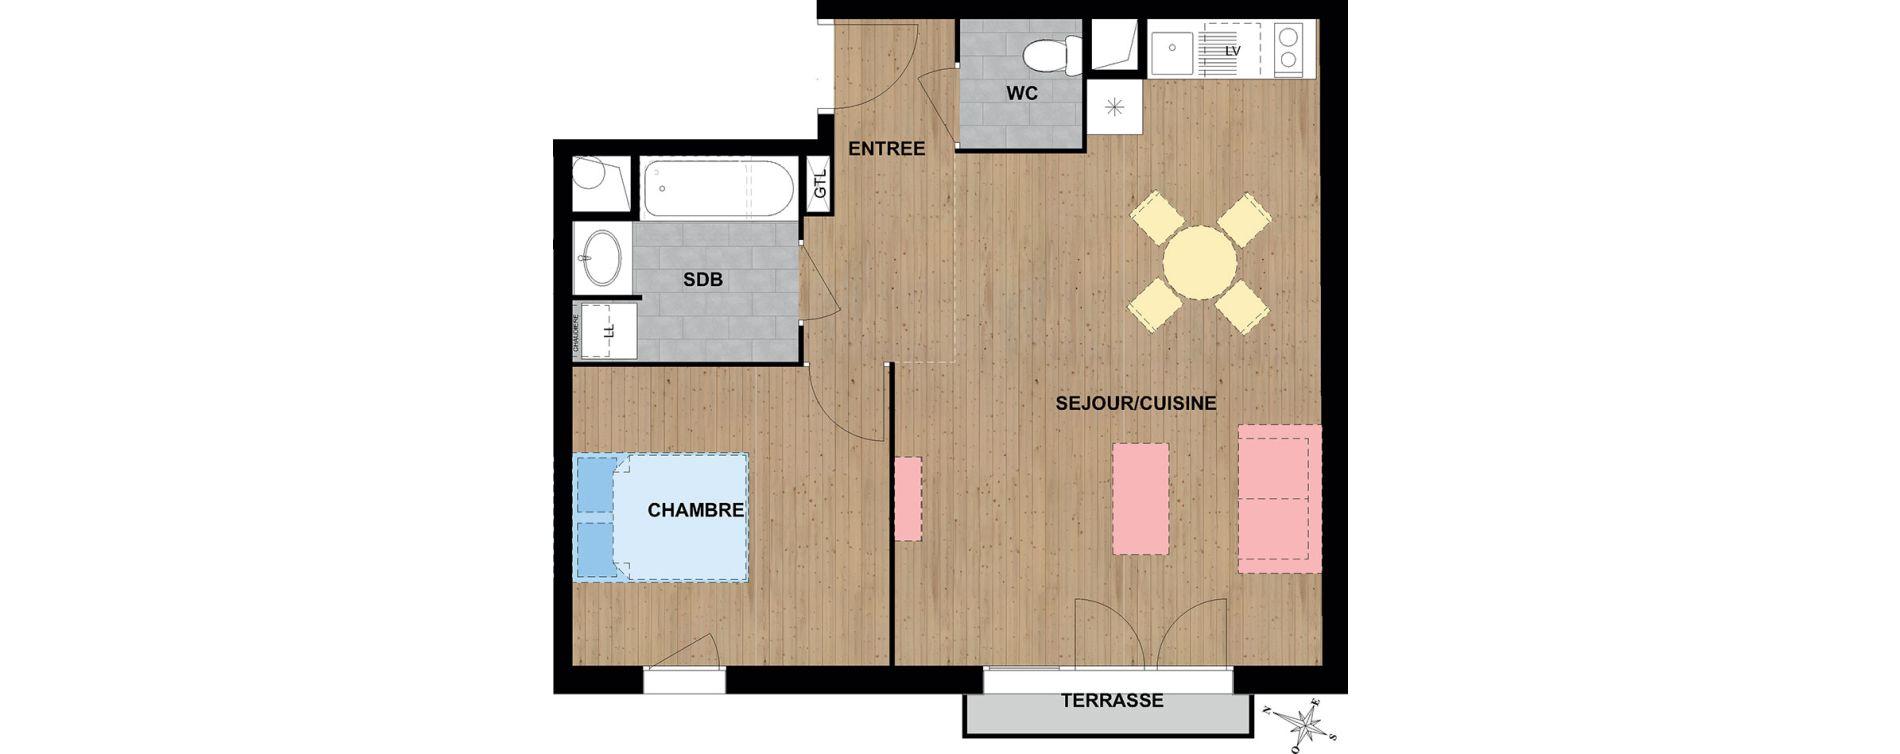 Appartement T2 de 50,24 m2 à Reims Cernay - epinettes - jamin - jaurès